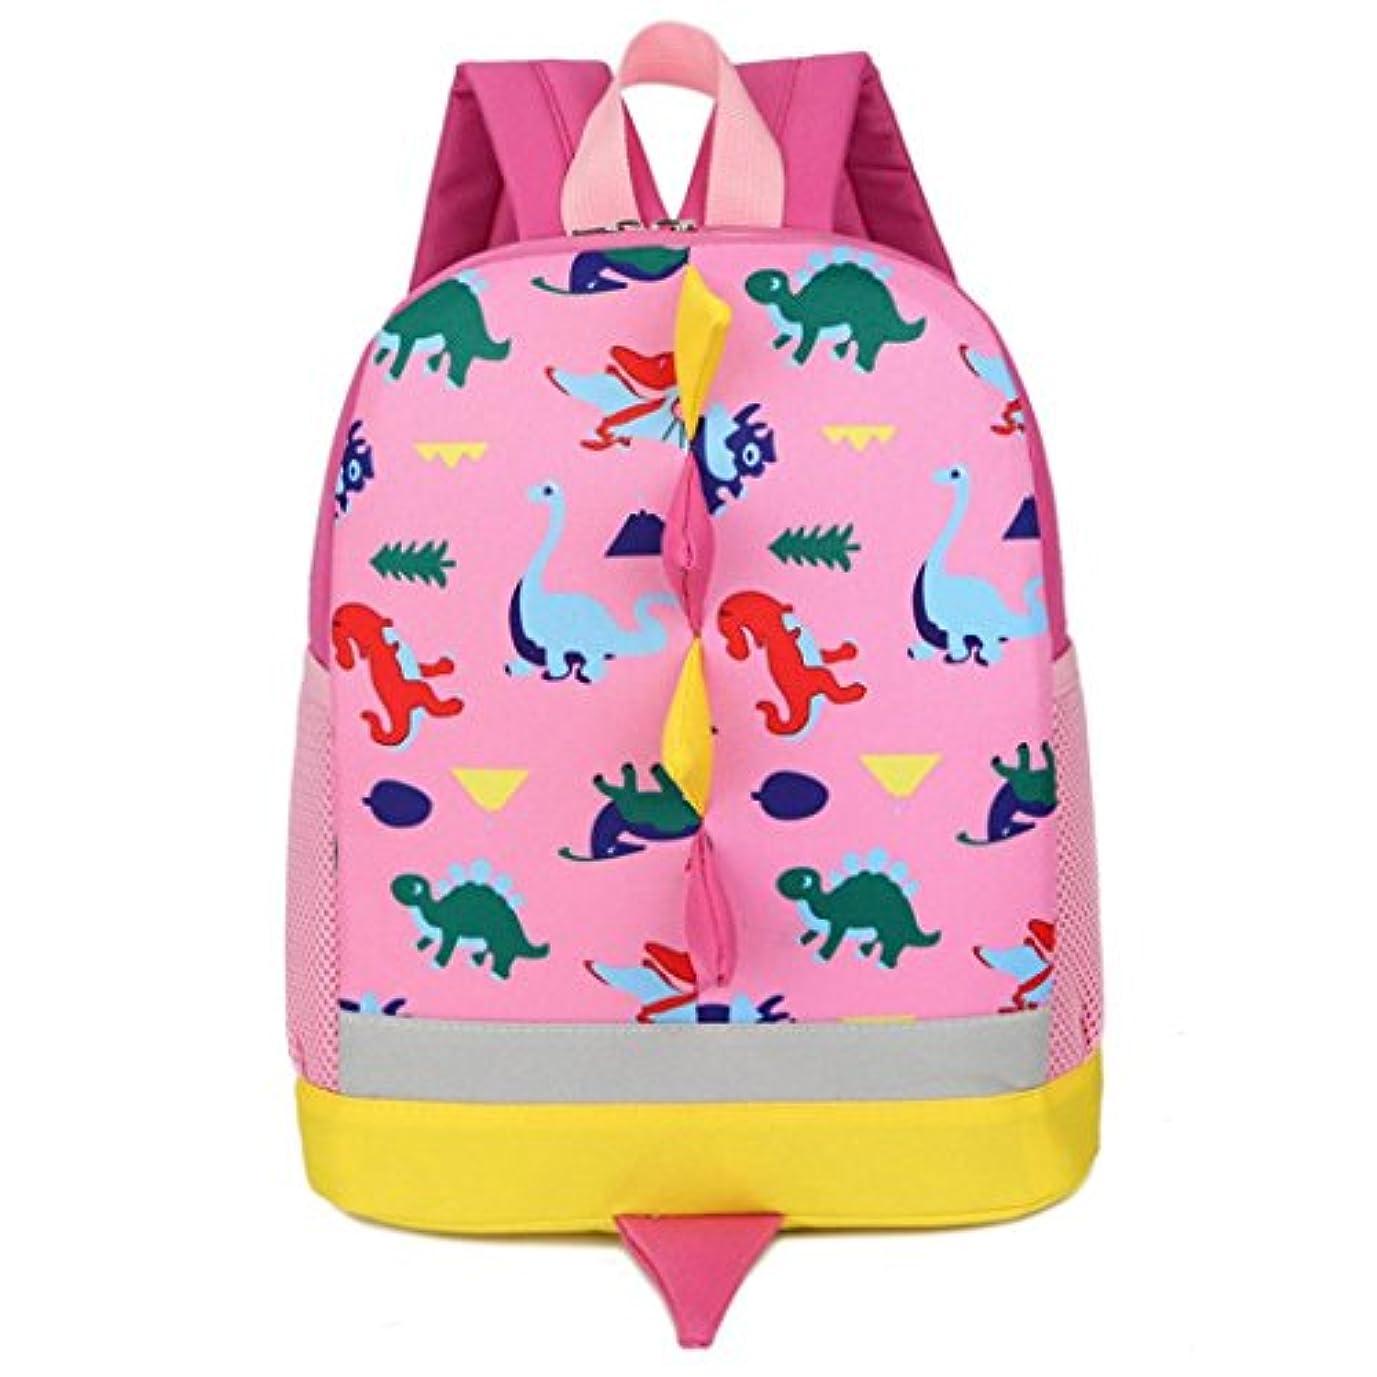 ワックス休憩日記ベビーキッズ恐竜のパターンかわいいバックパック幸運な太陽 幼児用スクールバッグ、テール付き